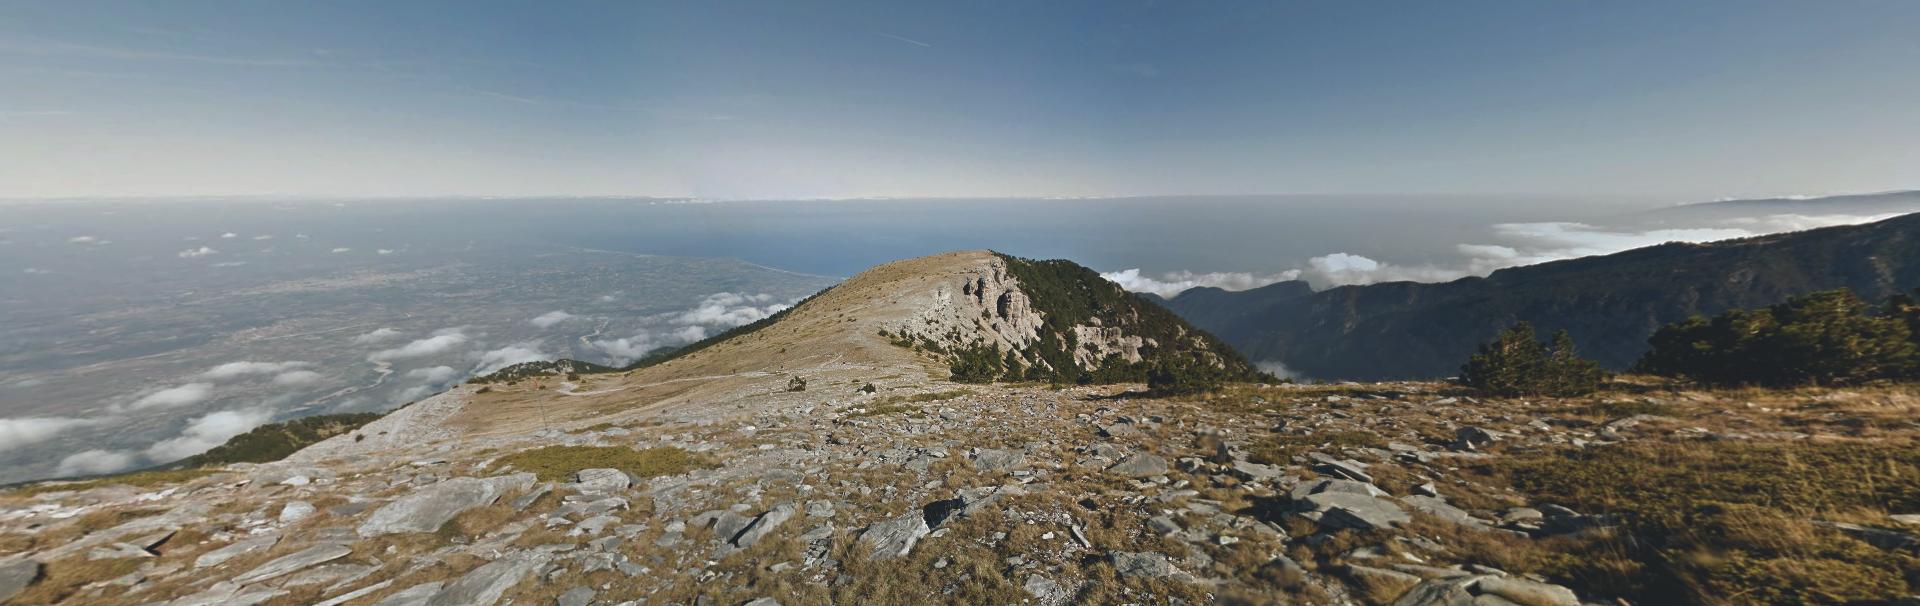 Widok ze szczytu góry Olimp Widok ze szczytu góry Olimp Źródło: domena publiczna.